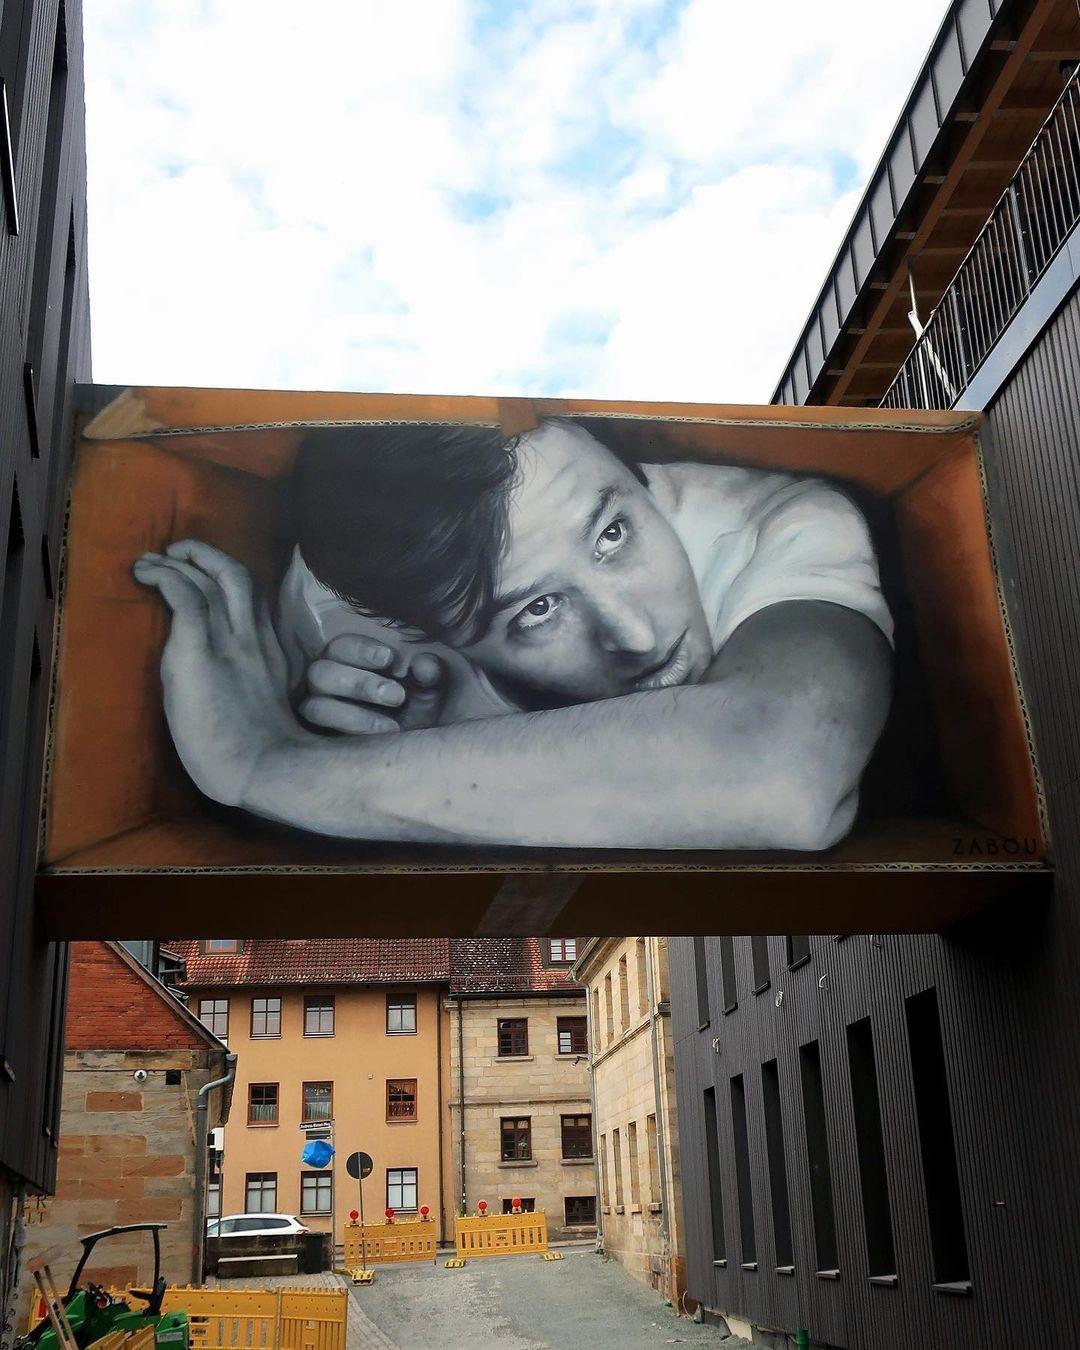 Zabou @ Bayreuth, Germany